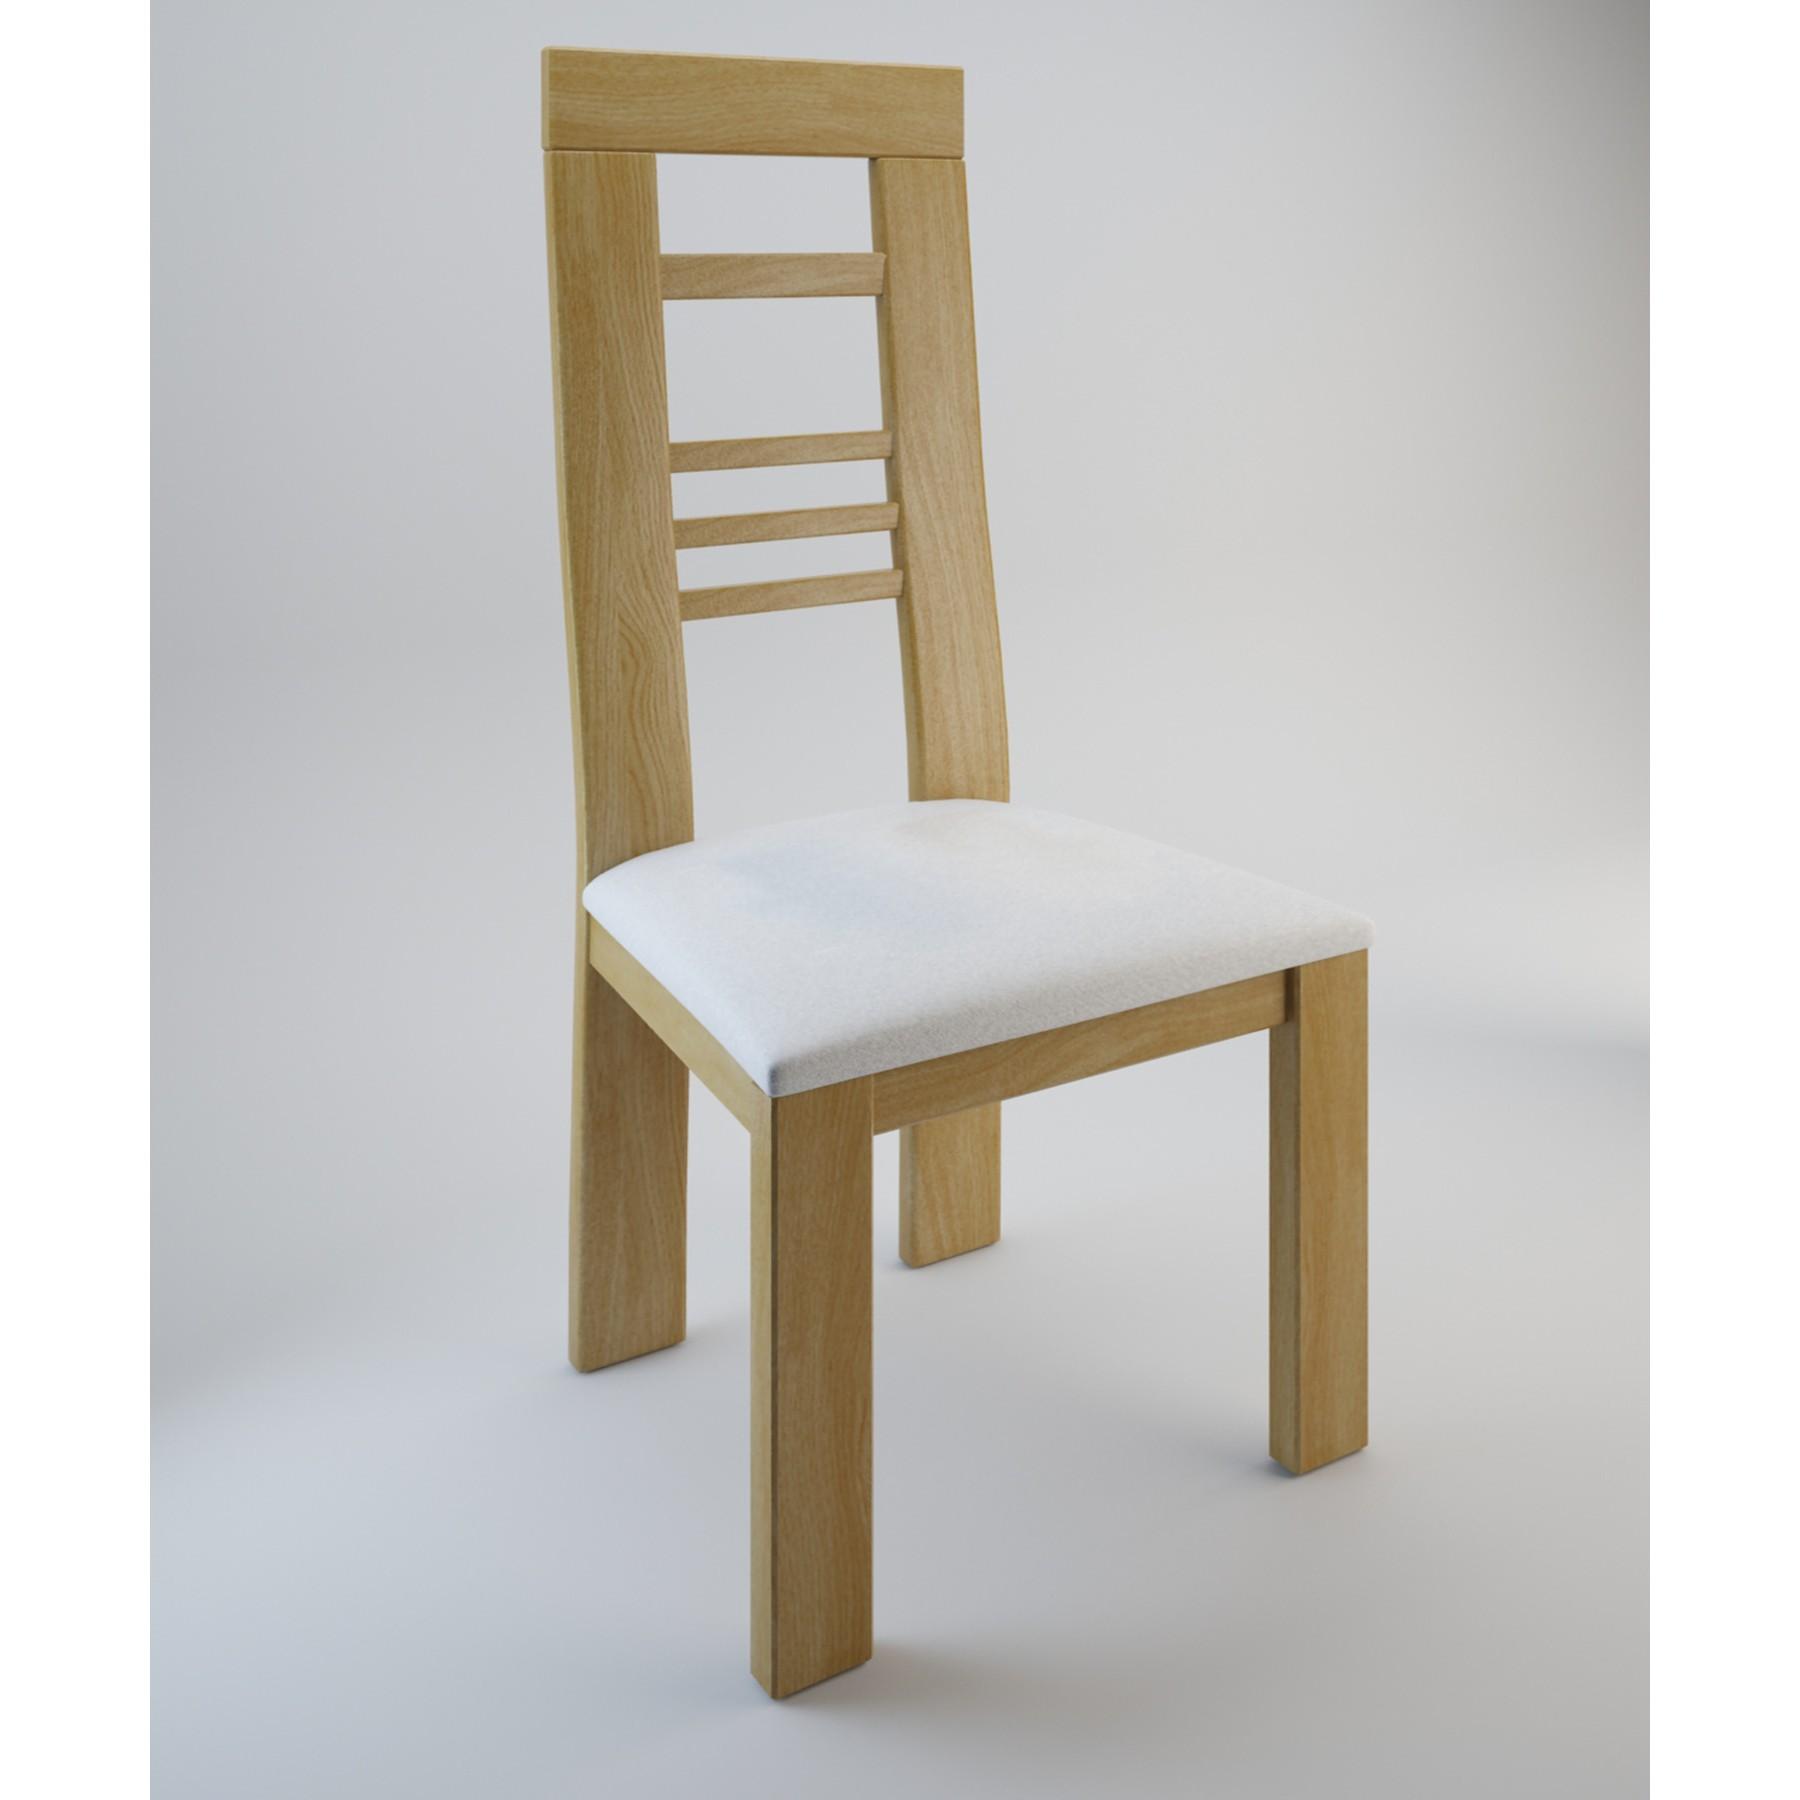 Muebles del hogar vanguardistas archivos blog dekogar for Muebles sillas comedor